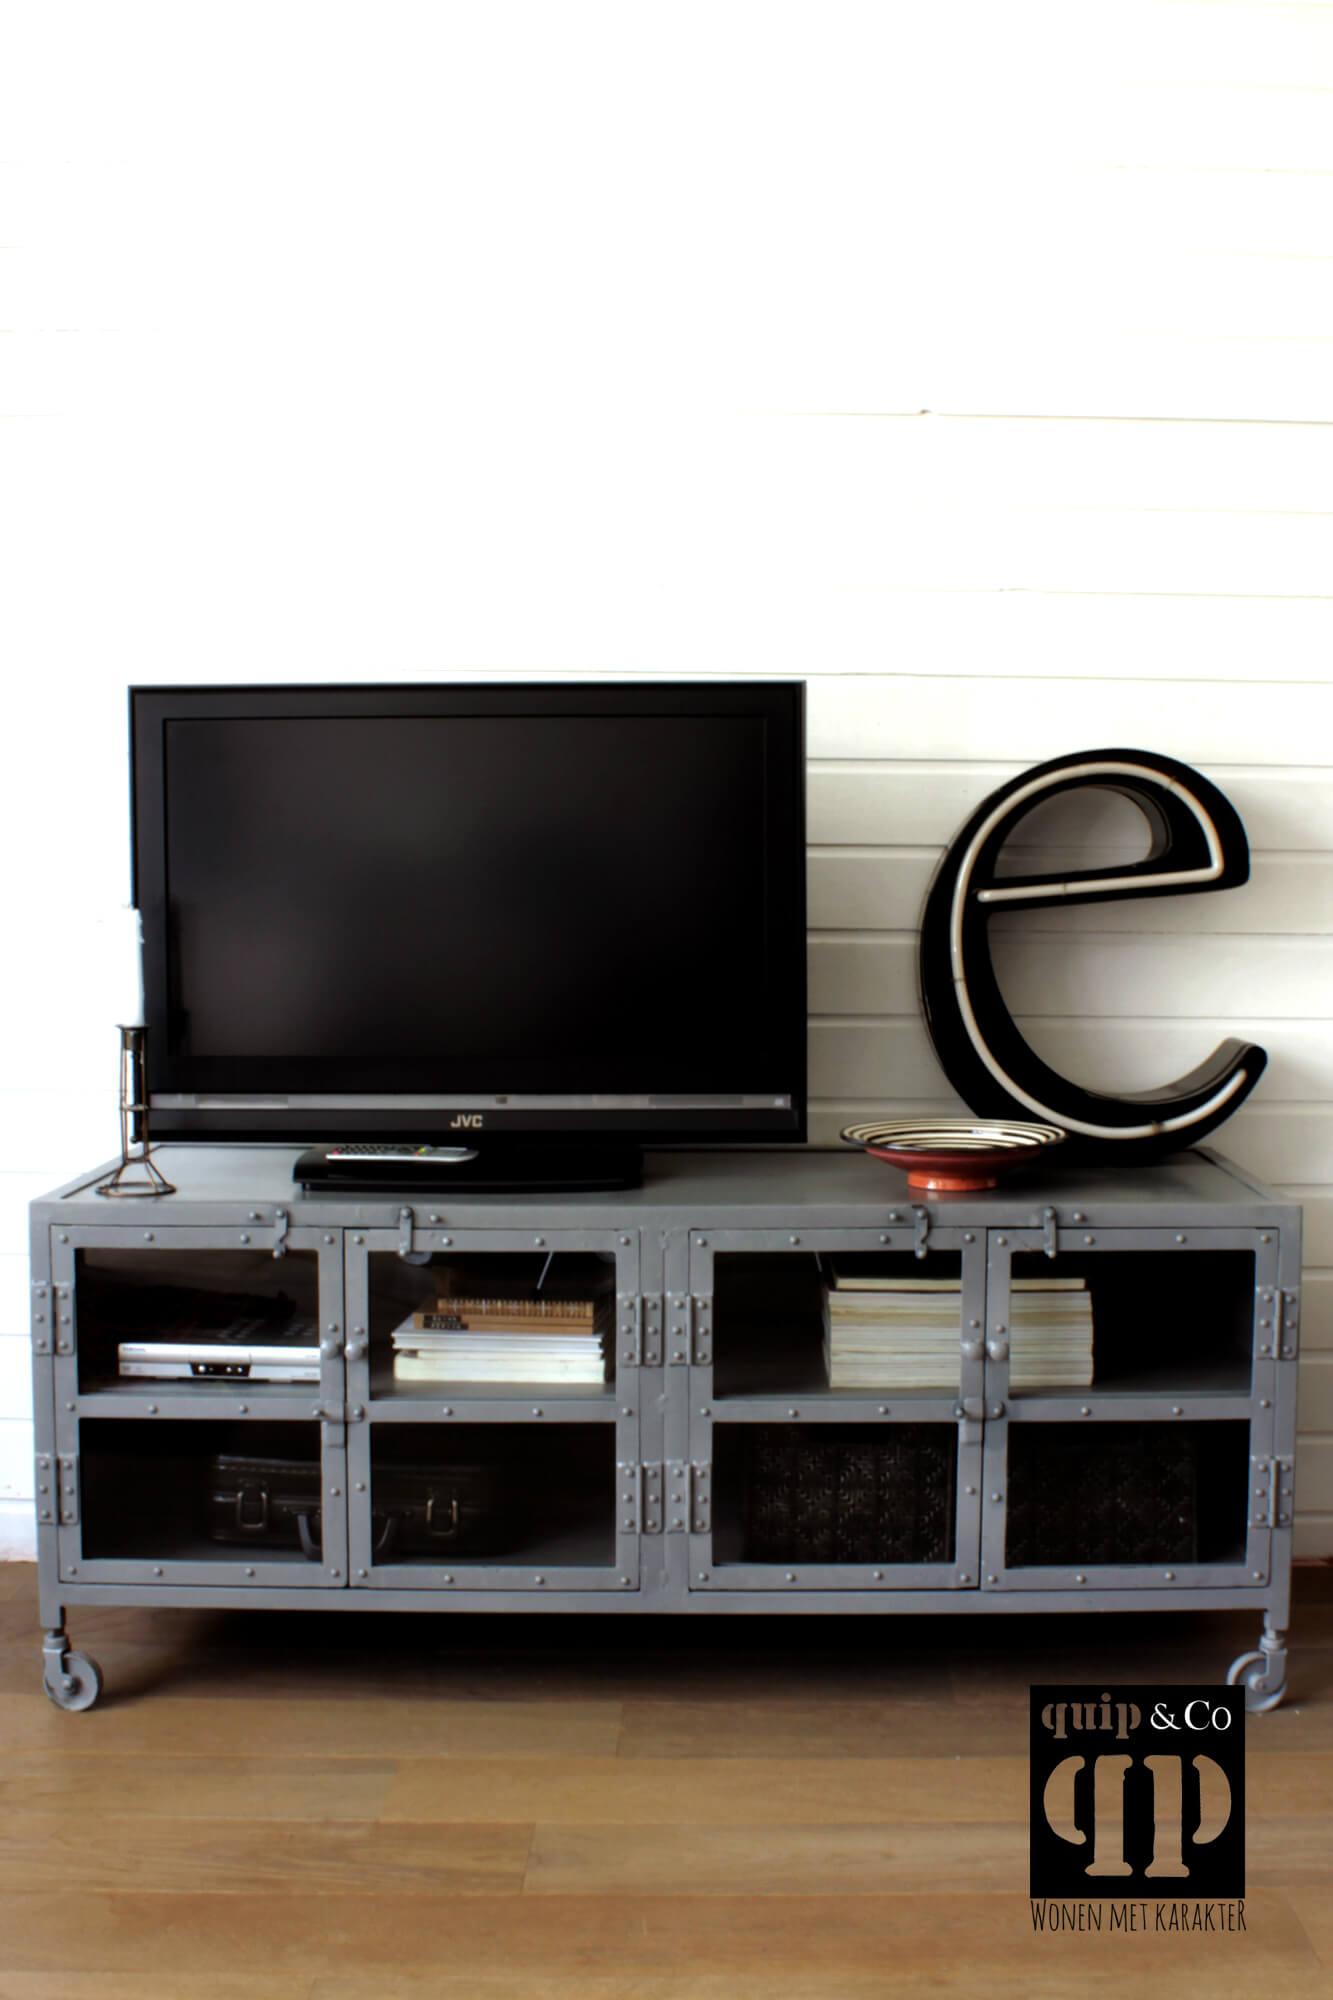 Industriele Tv Dressoir.Industriele Tv Kast Met Glasdeurtjes In Het Grijs Van Quip Co